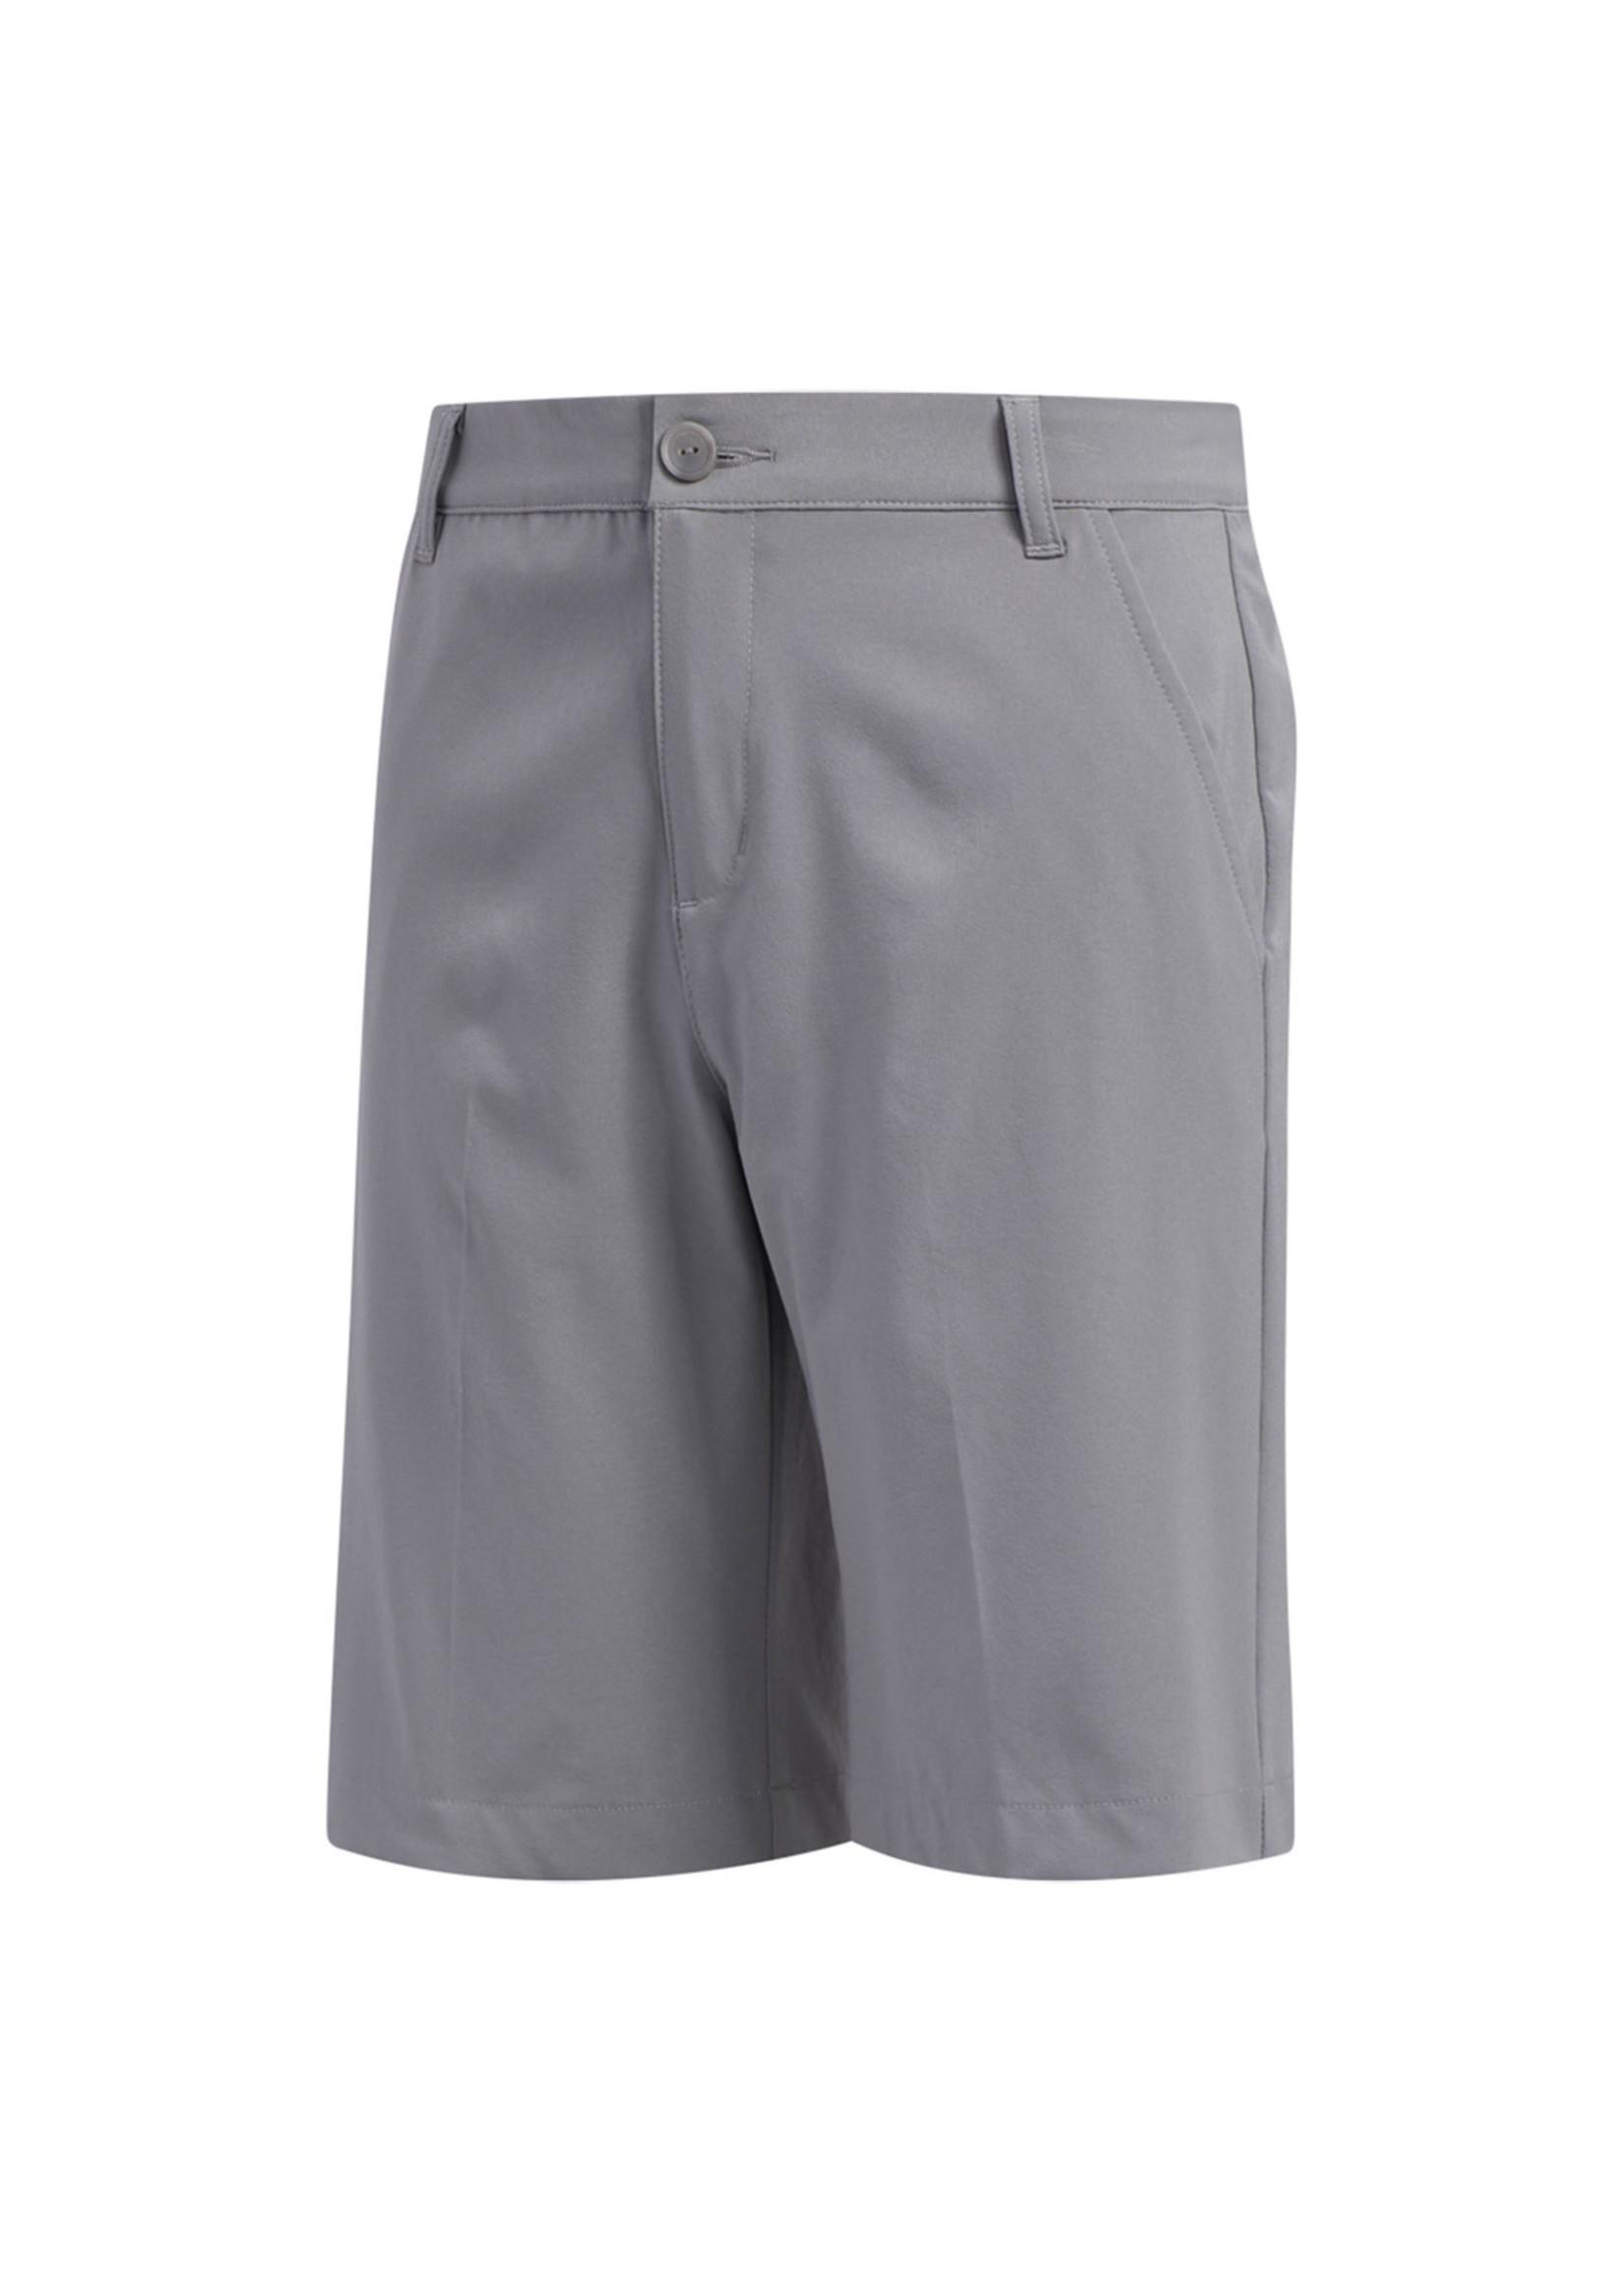 Adidas Adidas Boys Solid Golf Shorts (2020), Grey